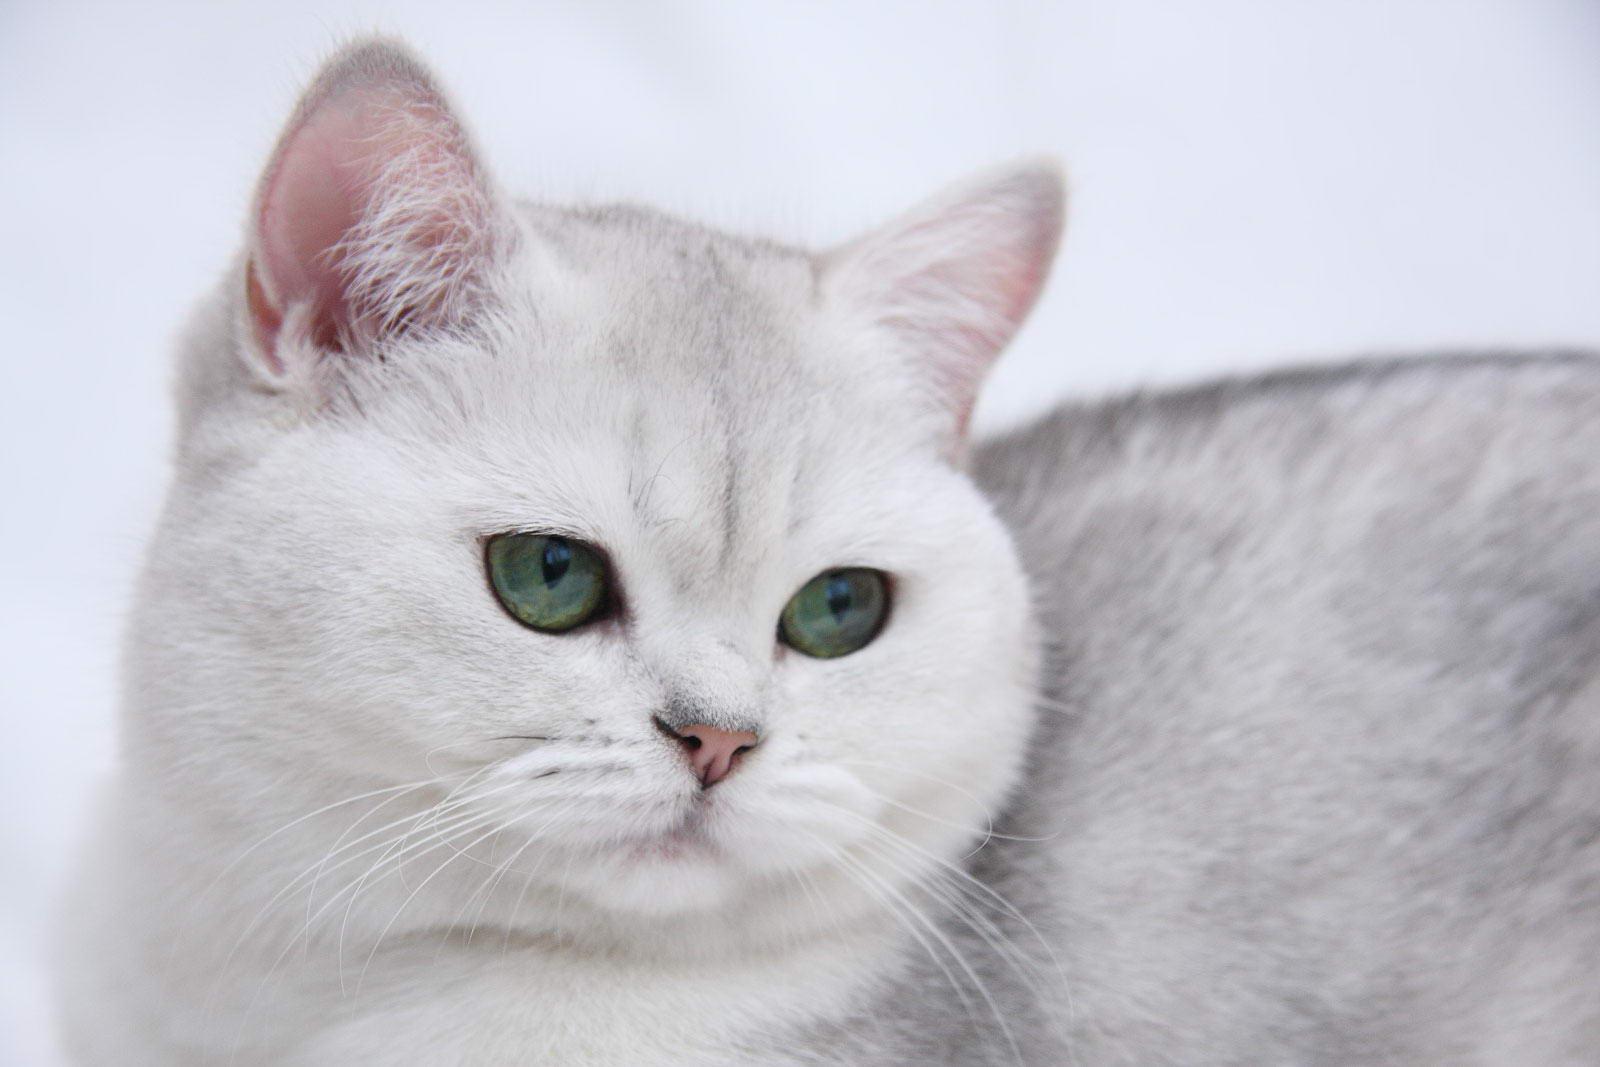 White British Shorthair photo and wallpaper Beautiful White